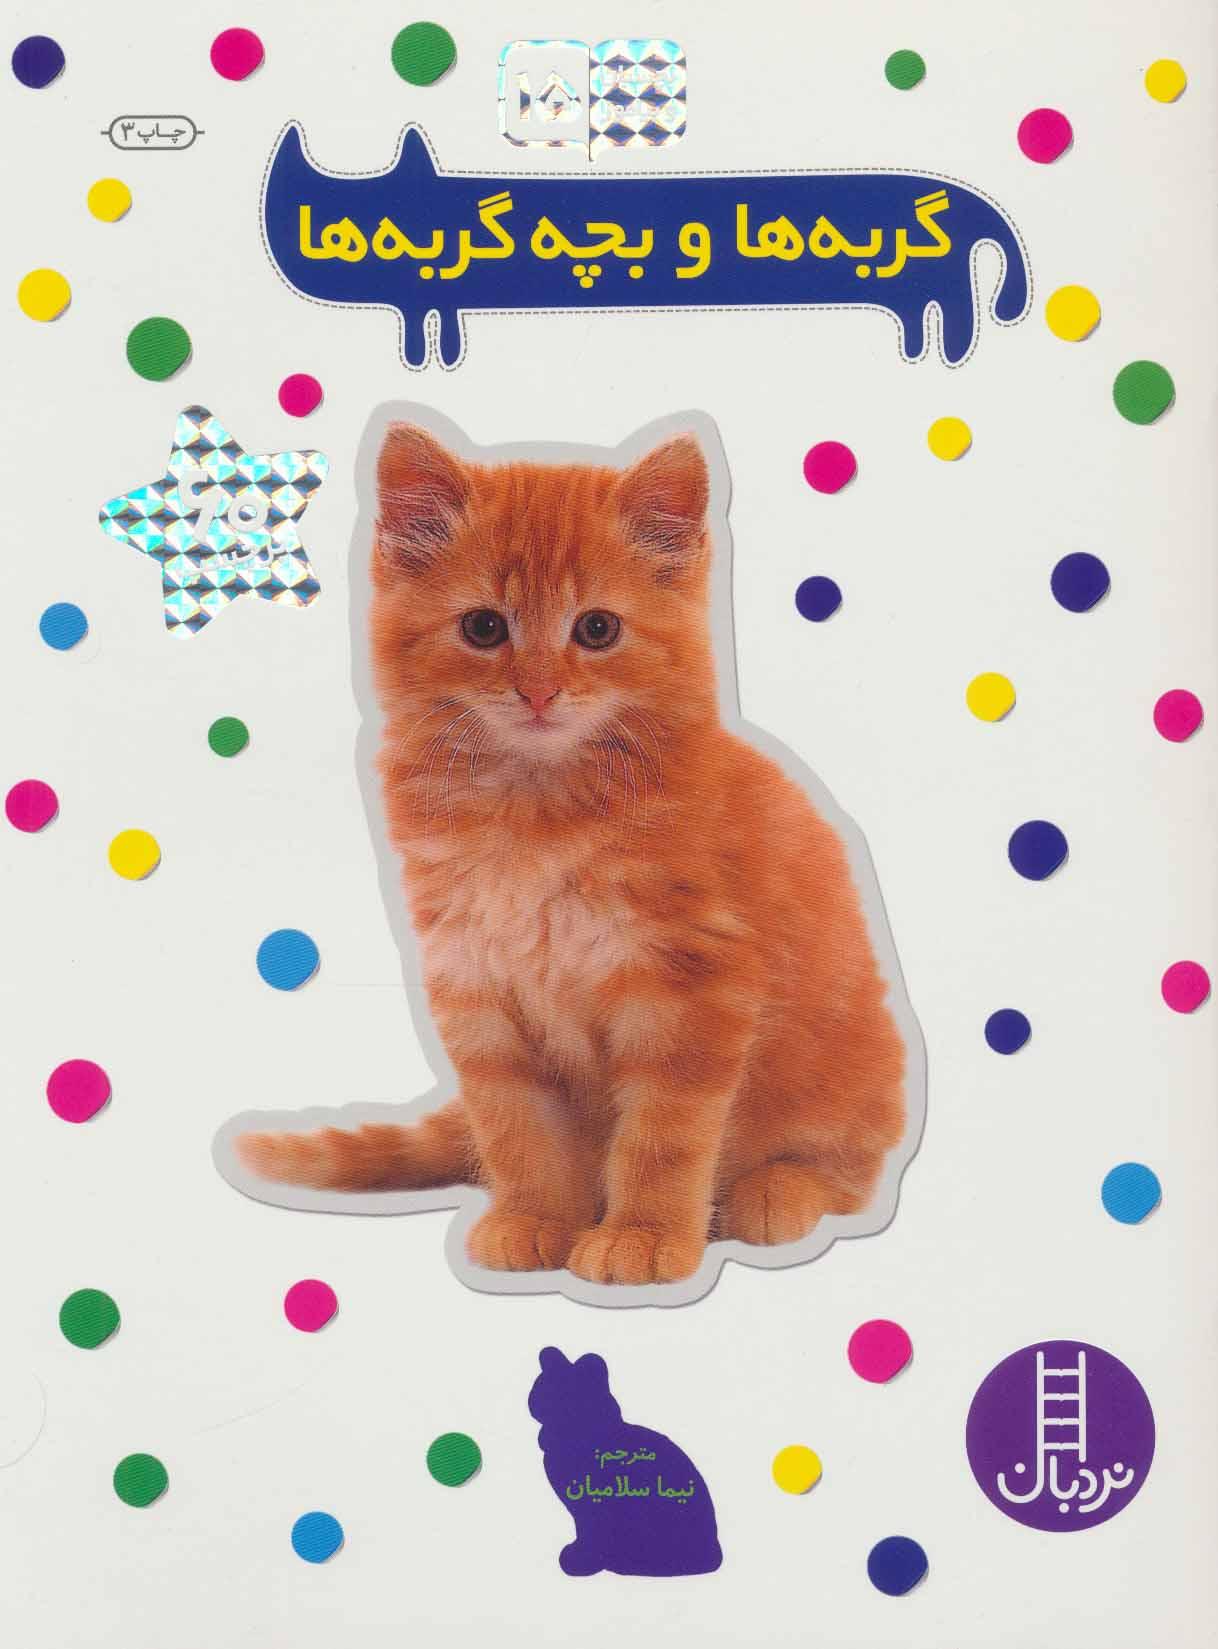 گربه ها و بچه گربه ها (بچسبان و بیاموز15)،(گلاسه)